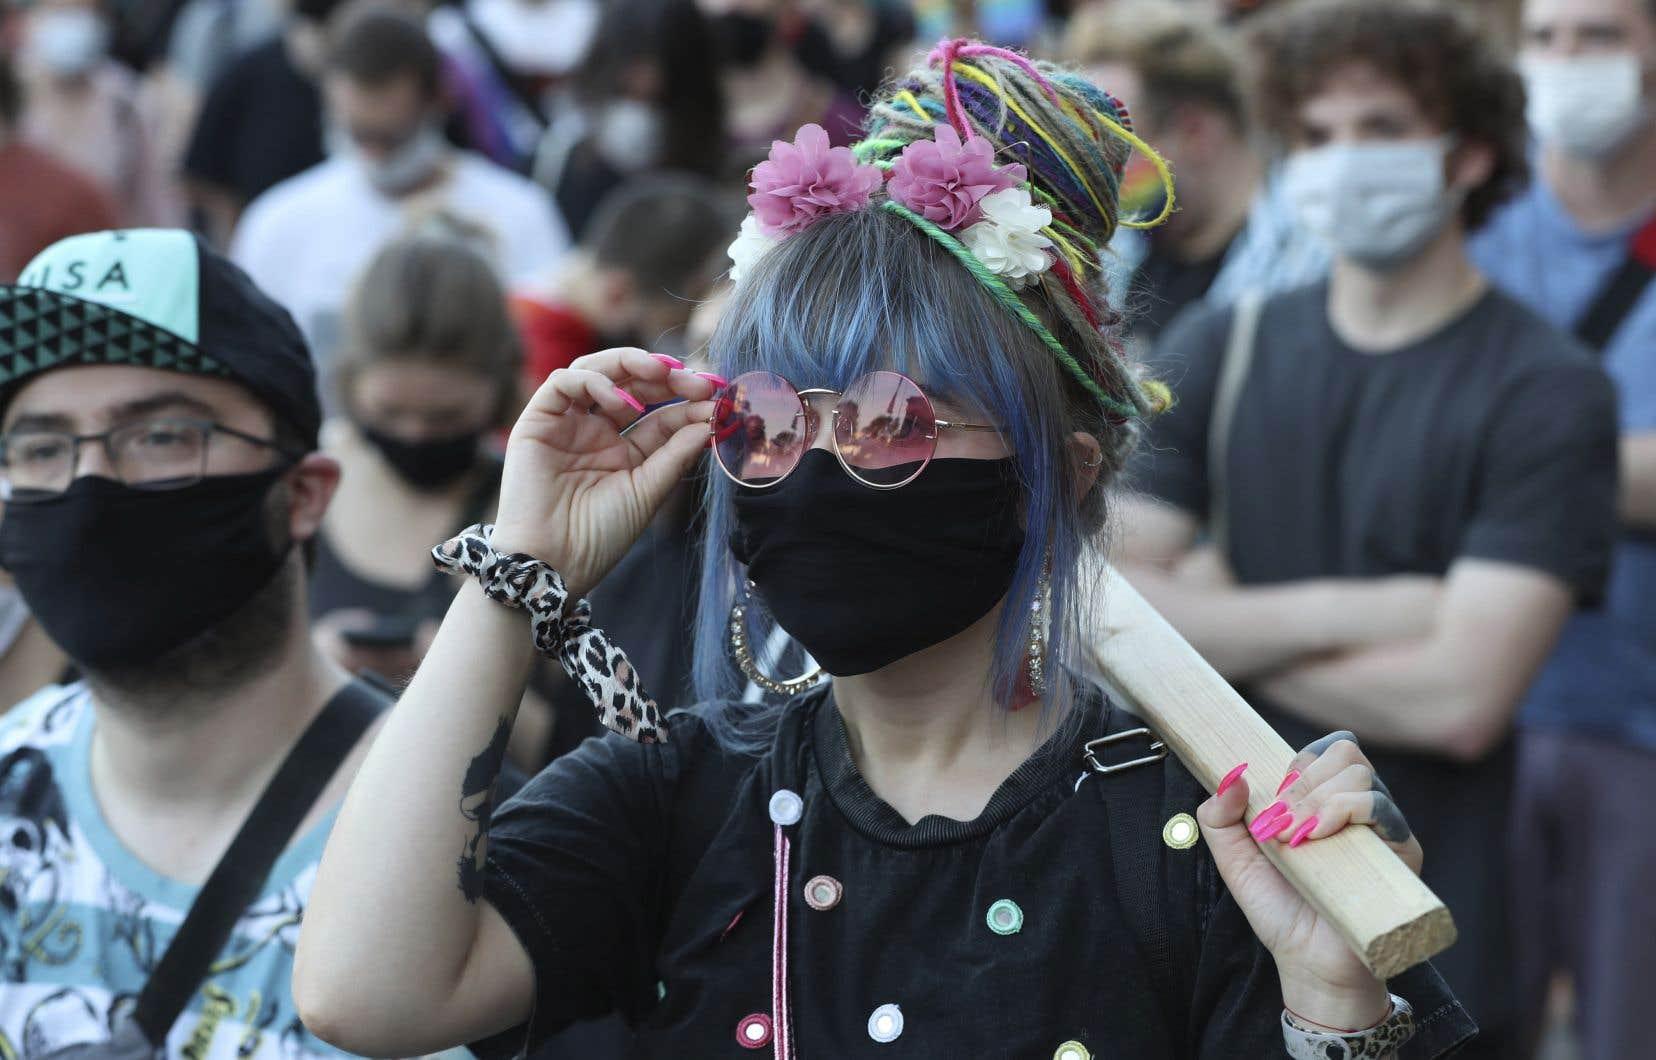 La plus grande manifestation s'est déroulée dans le centre de Varsovie, où quelques milliers de personnes se sont rassemblées.